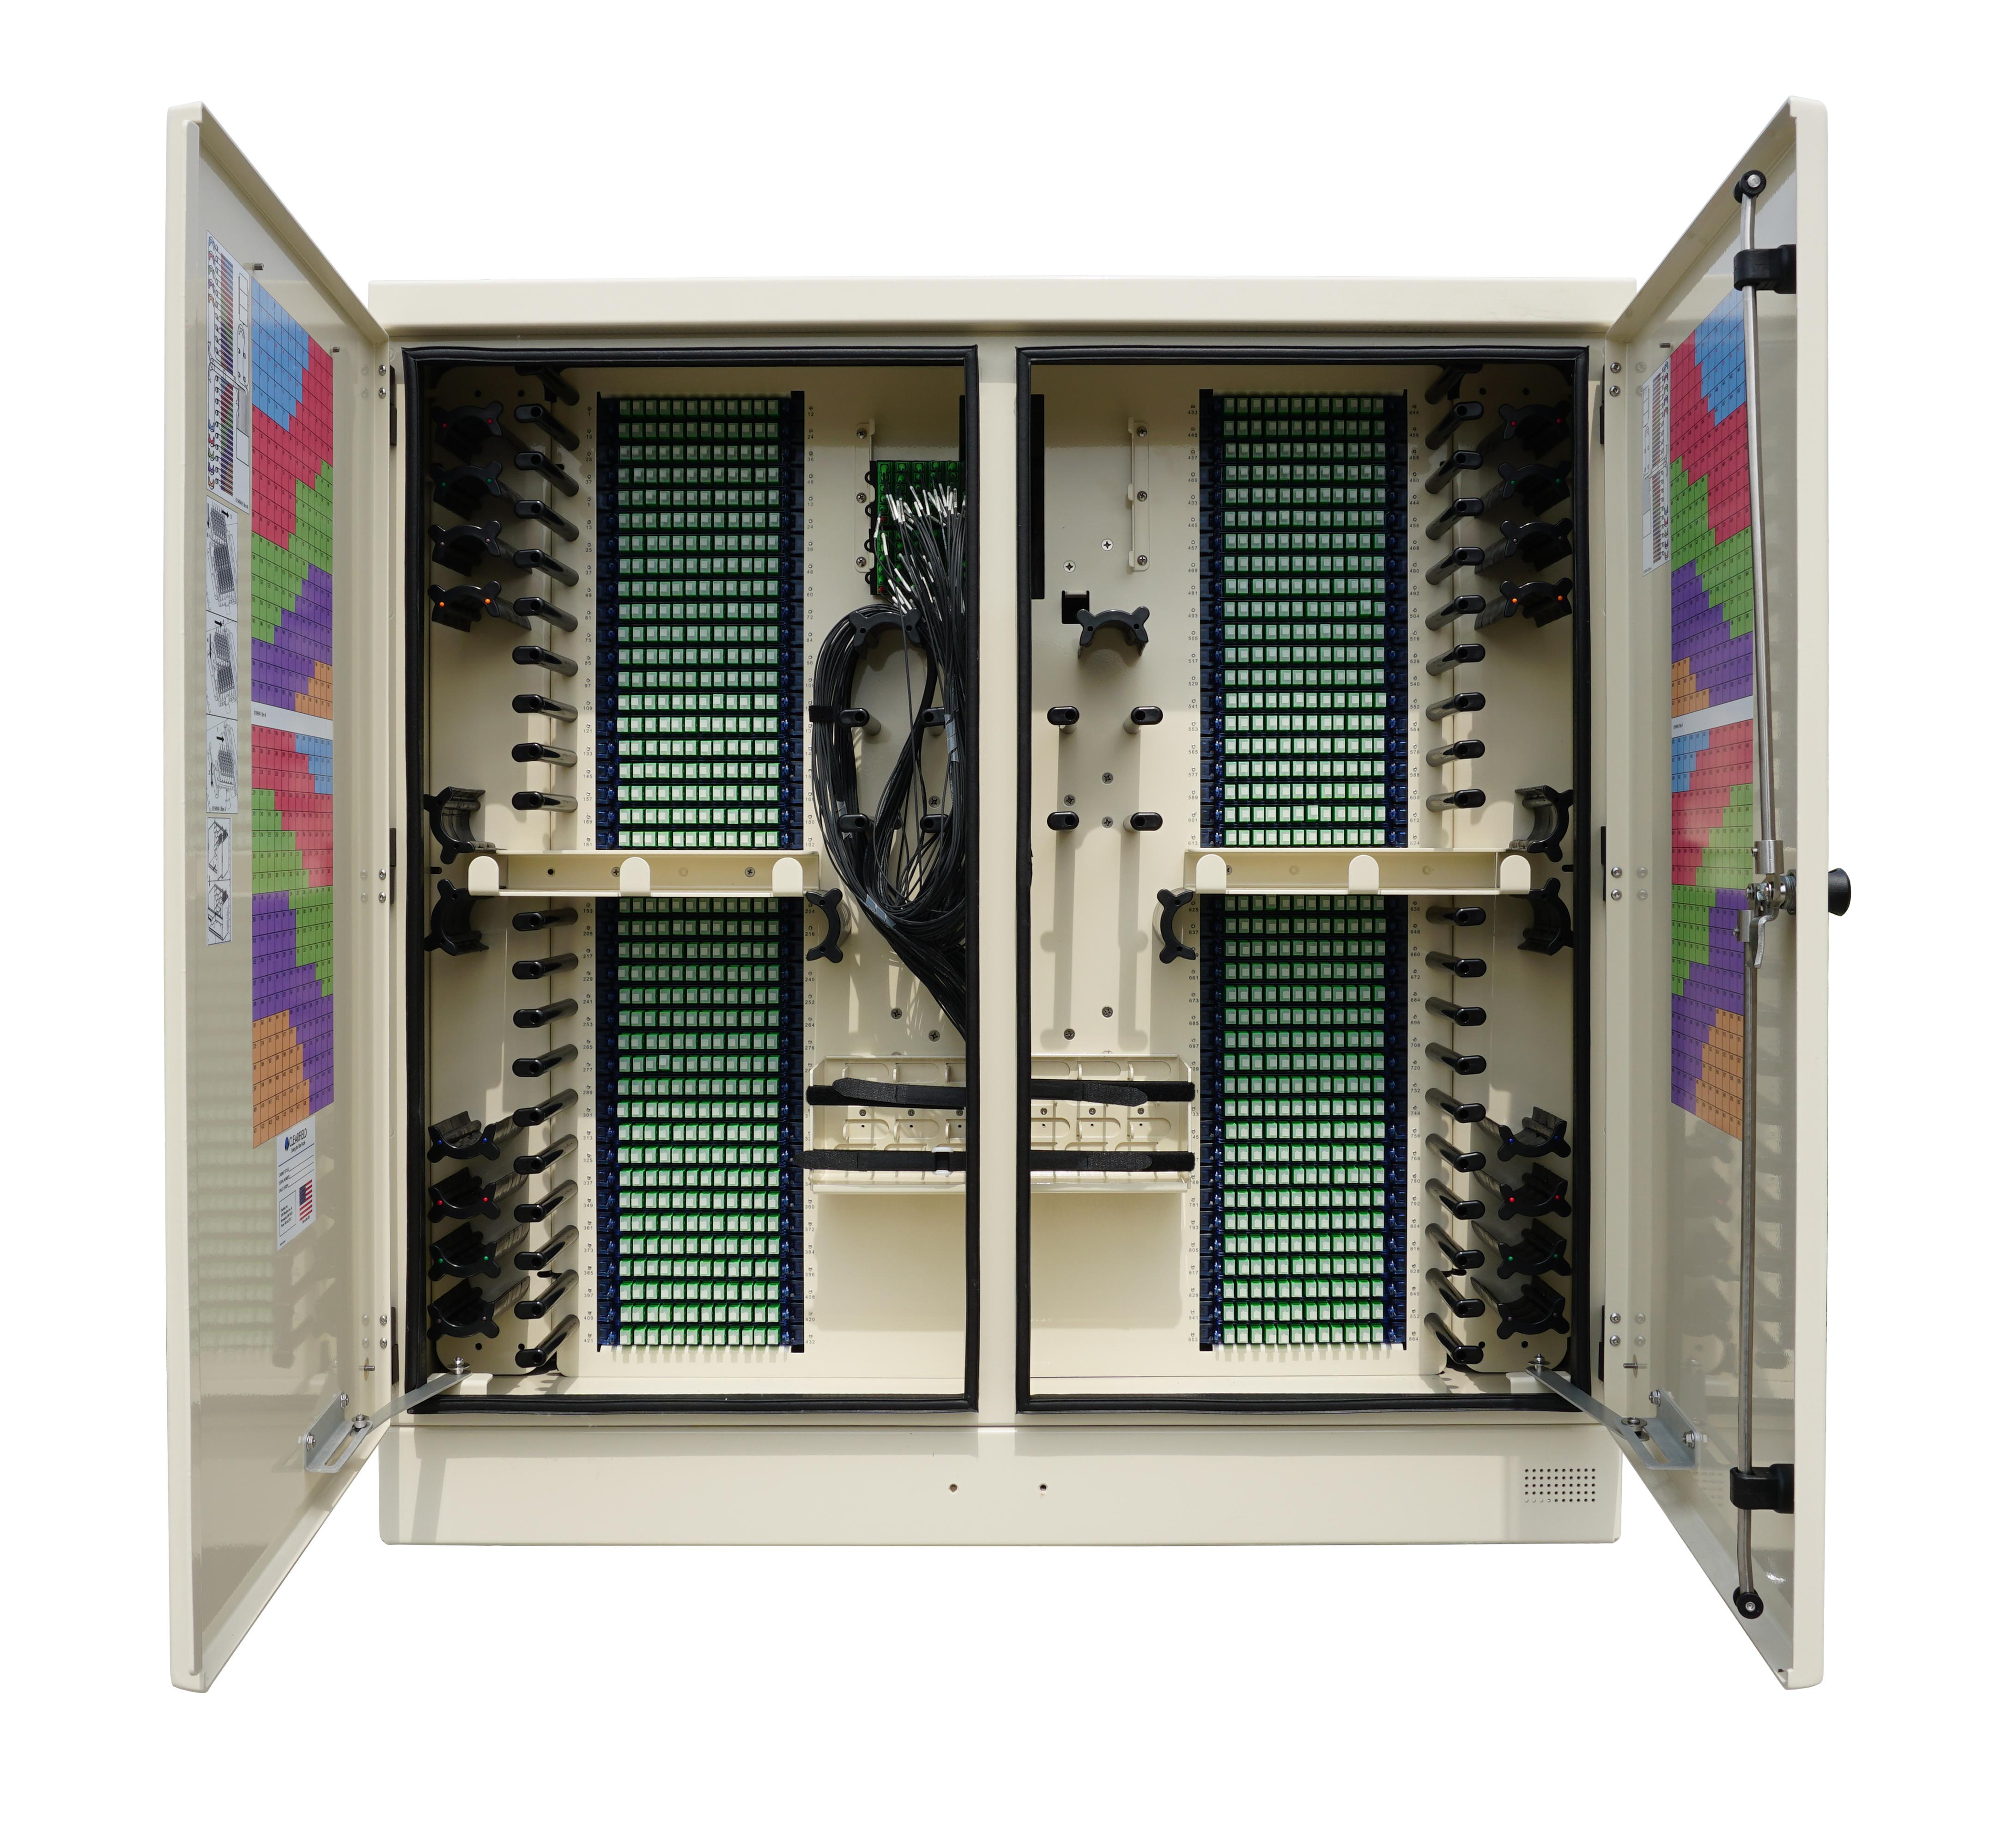 Gabinete de Distribución de Fibra FieldSmart (FDH) PON de 864 puertos